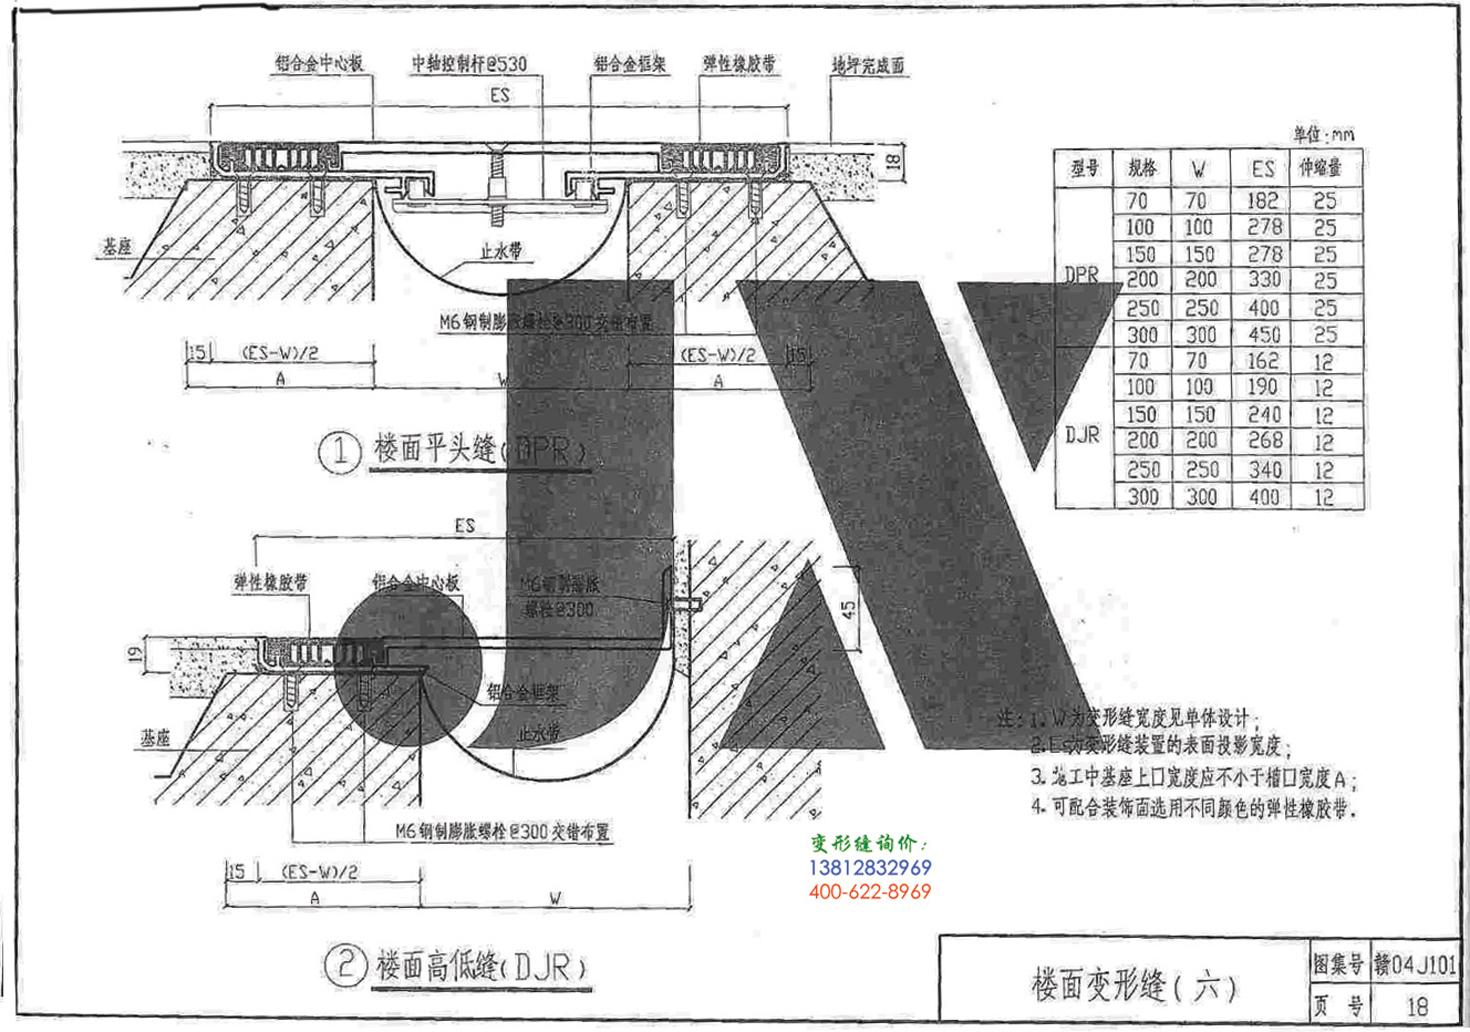 赣04J101变形缝图集p18